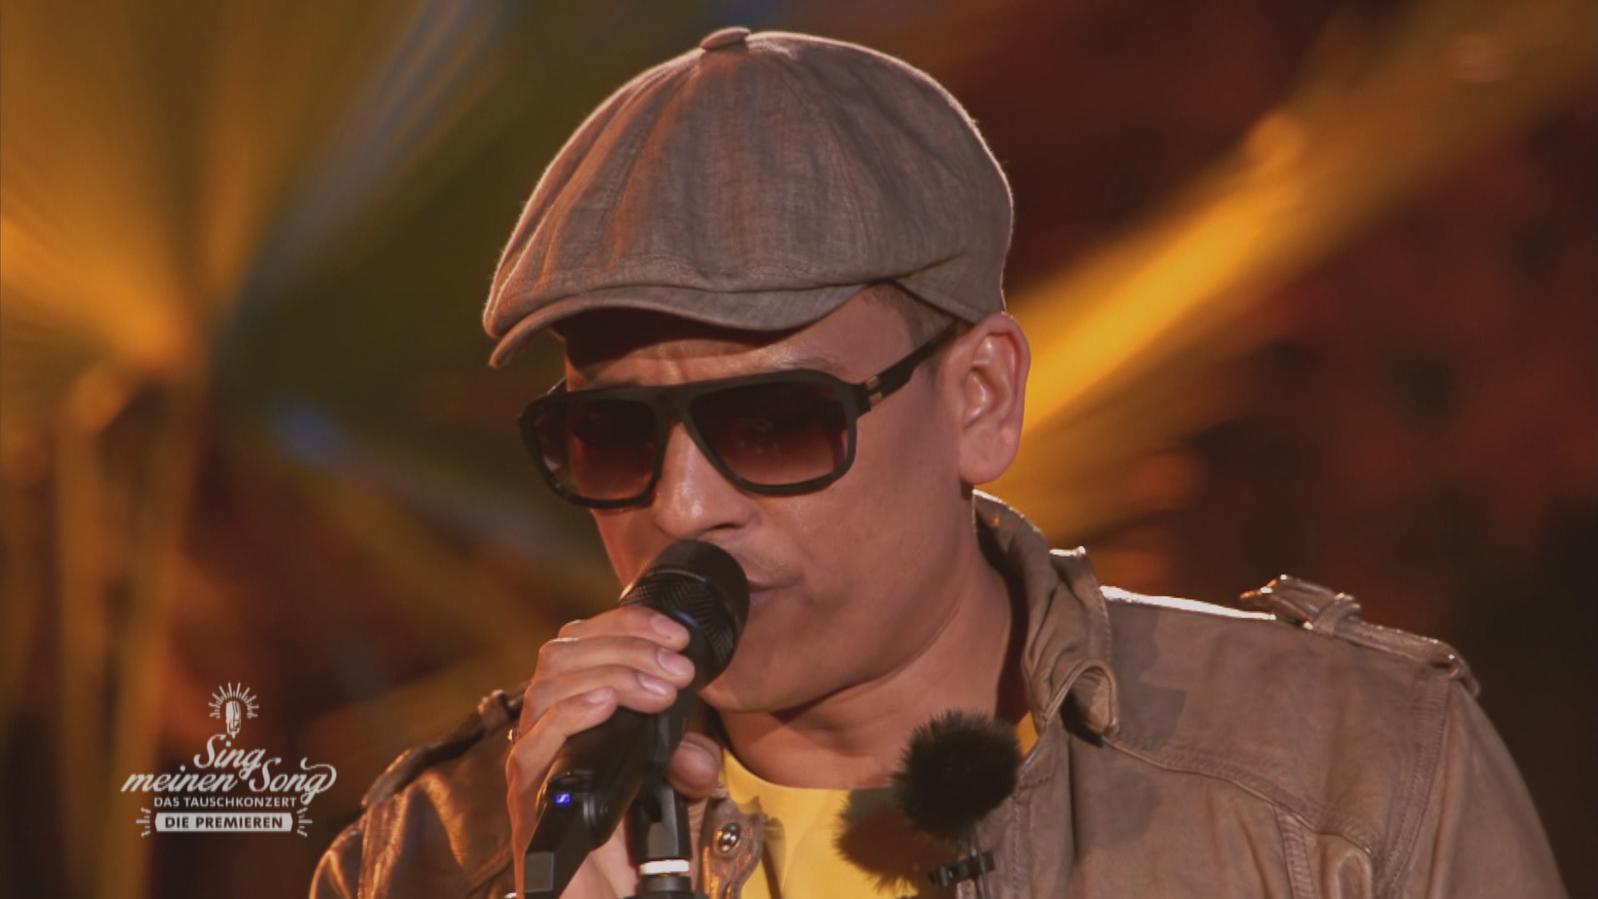 Sing Meinen Song Xavier Naidoo Singt Amoi Seg Ma Uns Wieder